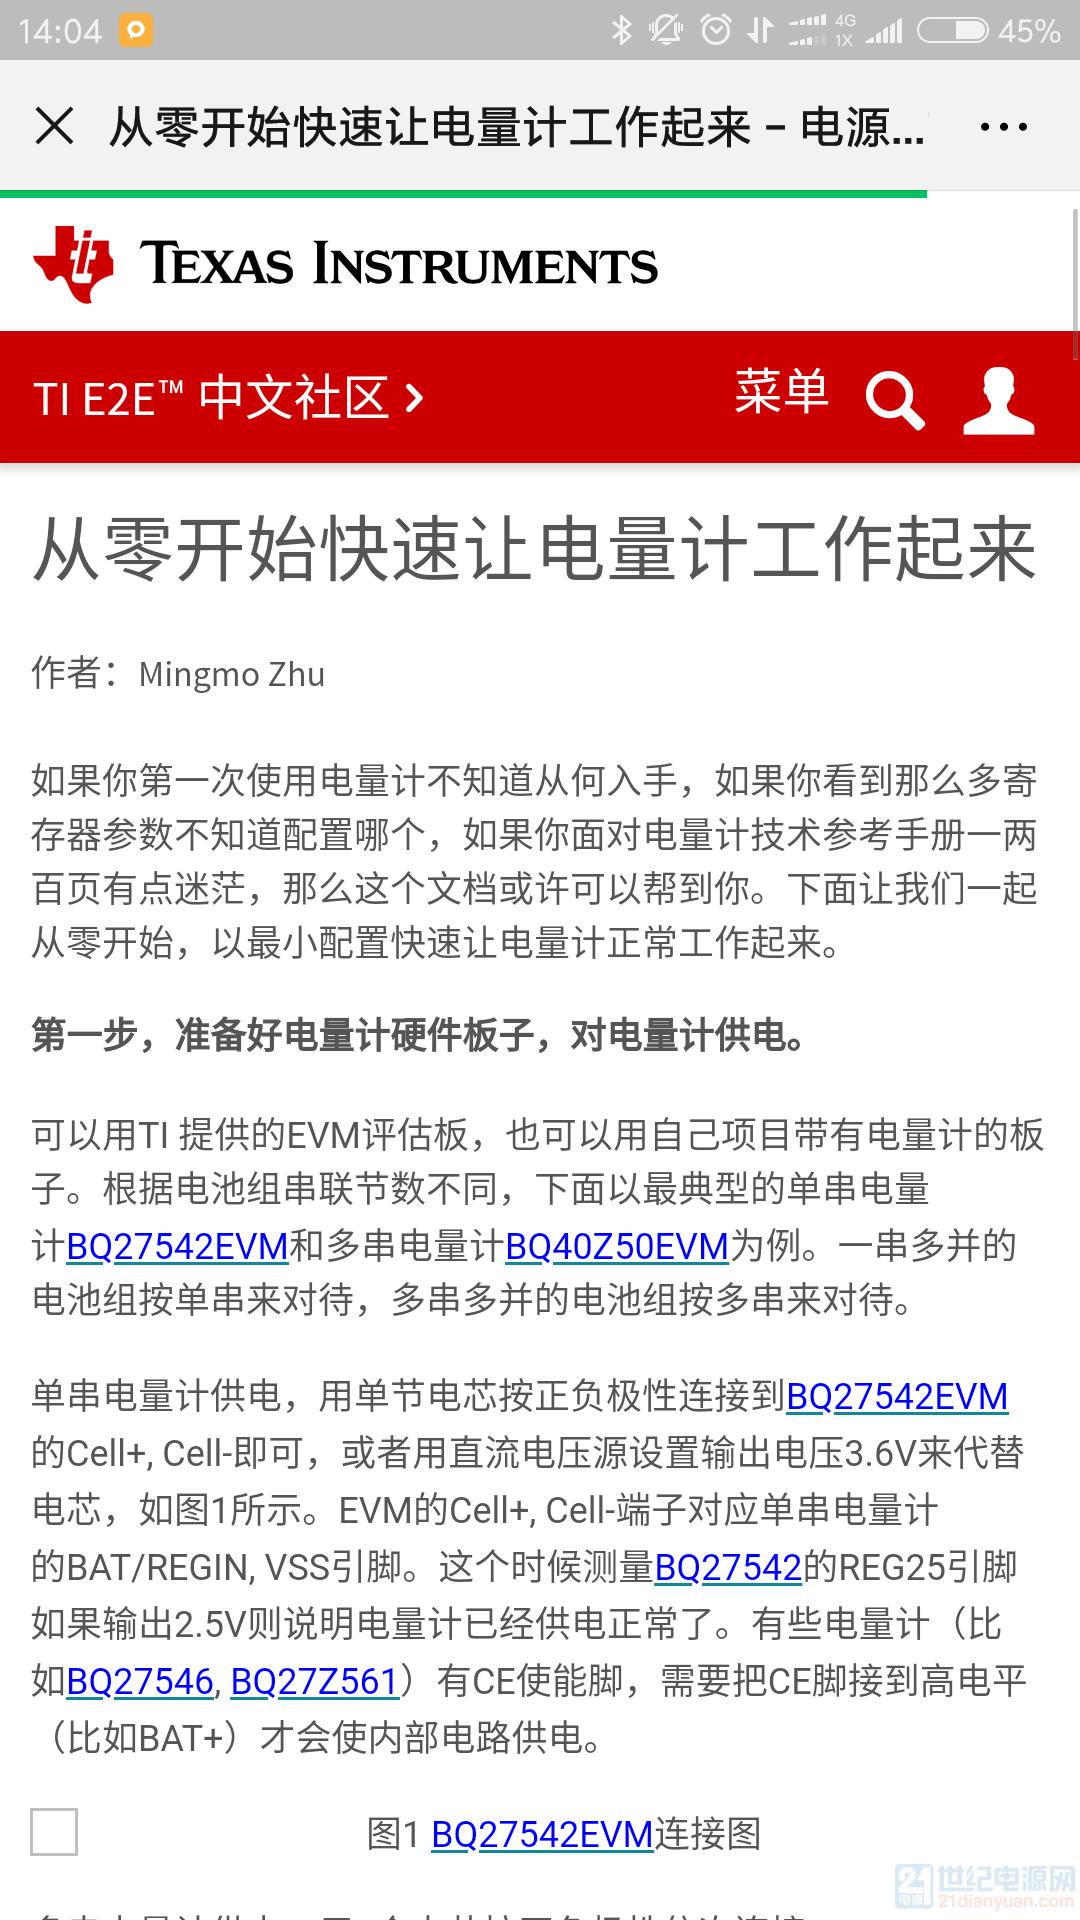 Screenshot_2019-11-01-14-04-37-633_com.tencent.mm.png